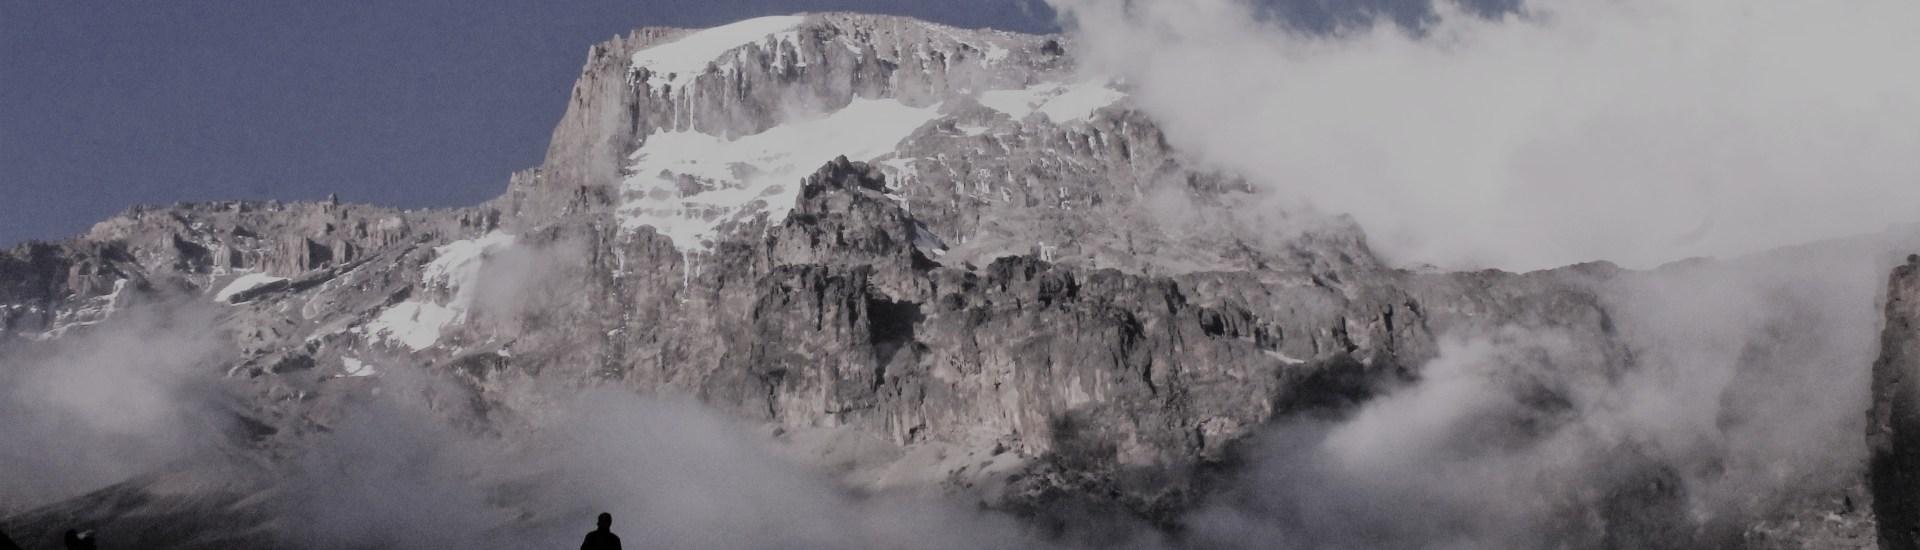 How To Prepare To Climb Mount Kilimanjaro